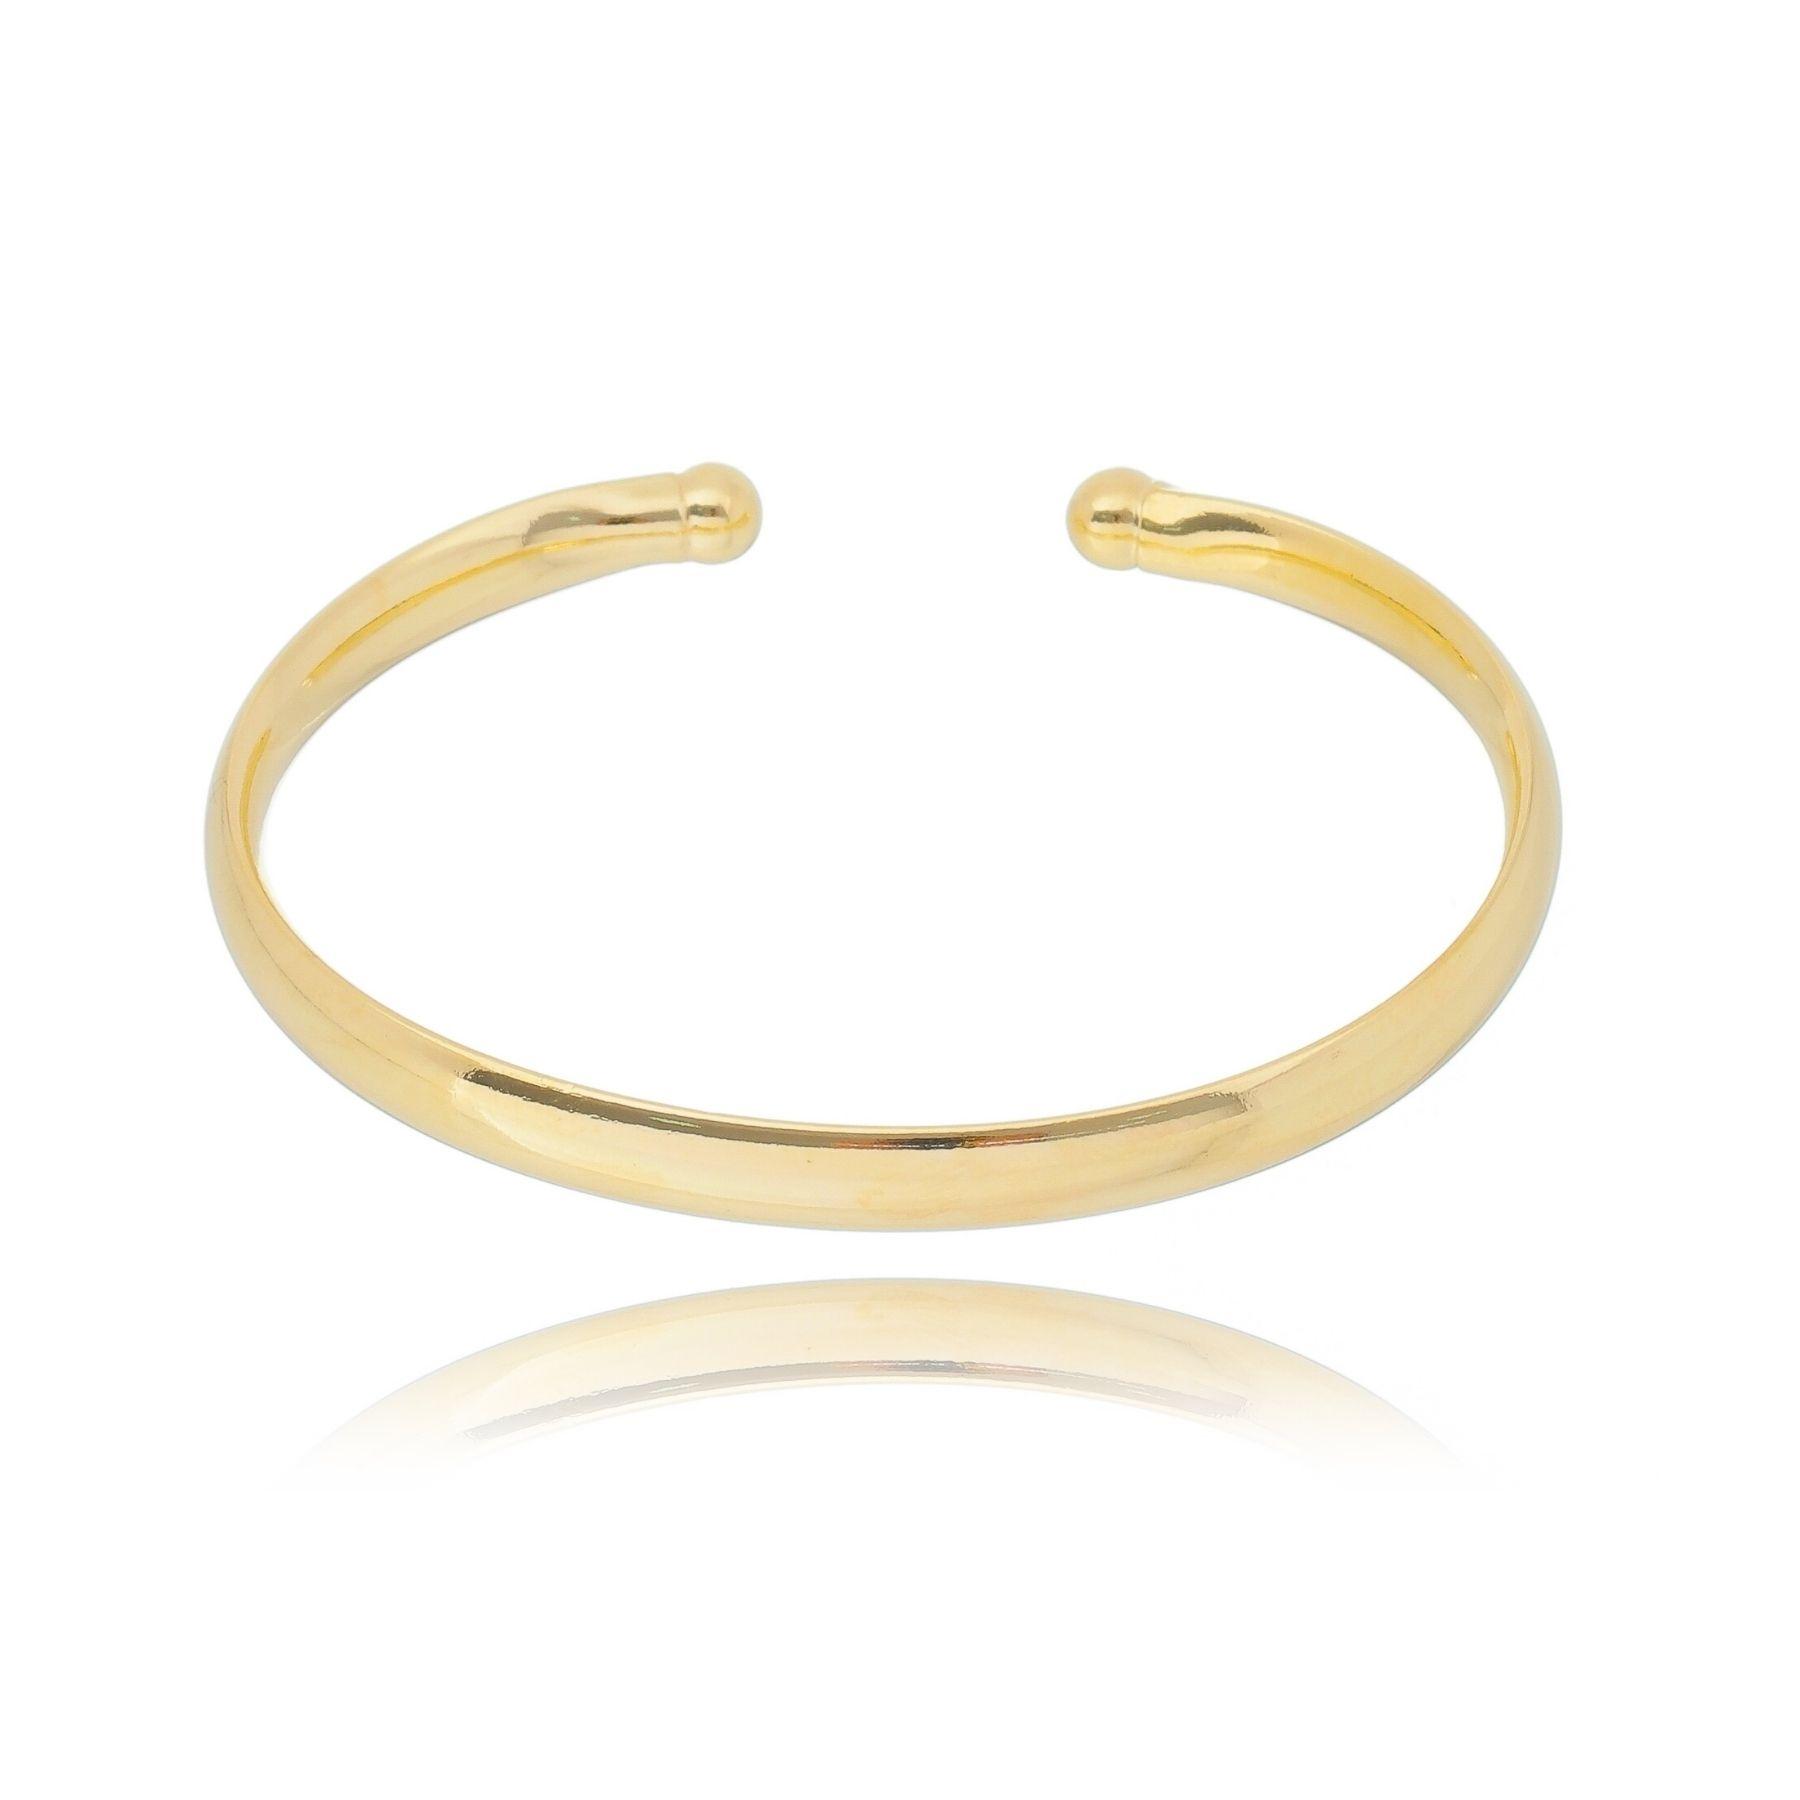 Bracelete aro aberto grosso liso com banho ouro 18k